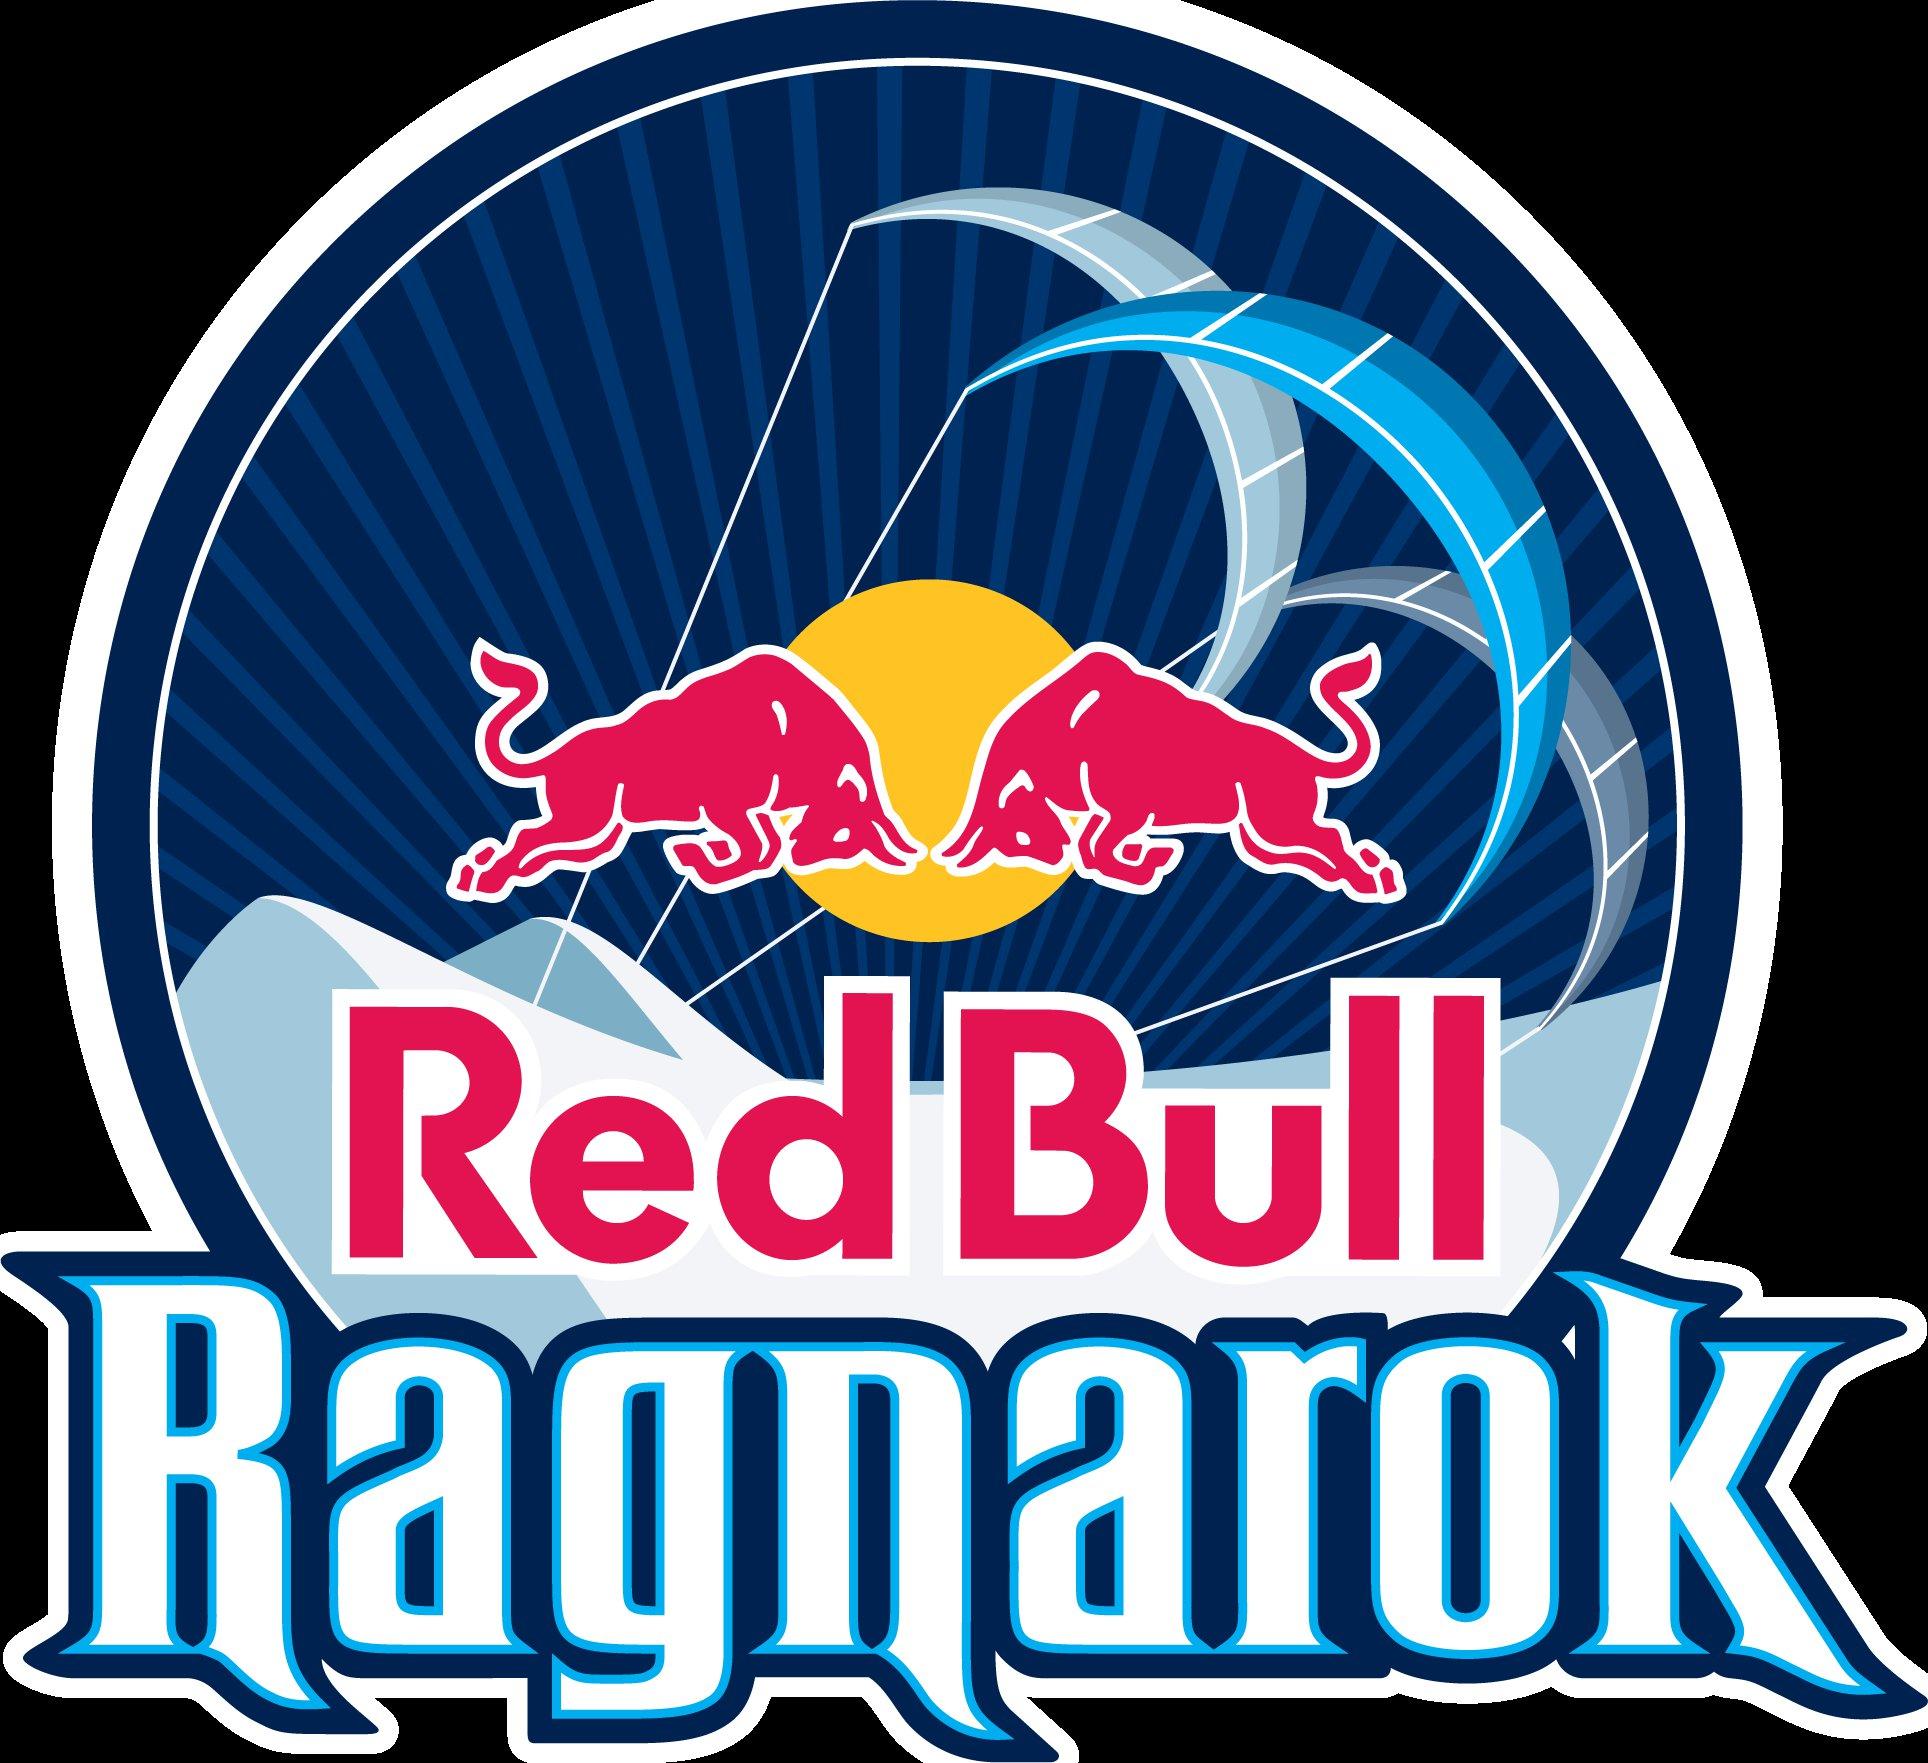 Mais de 400 snowkiters correram para presenciar o mítico Red Bull Ragnarok edição 2012, mas somente 200 atletas, provenientes de mais de 20 Países, participaram desta lendária competição, o qual percurso consistia em um traçado...